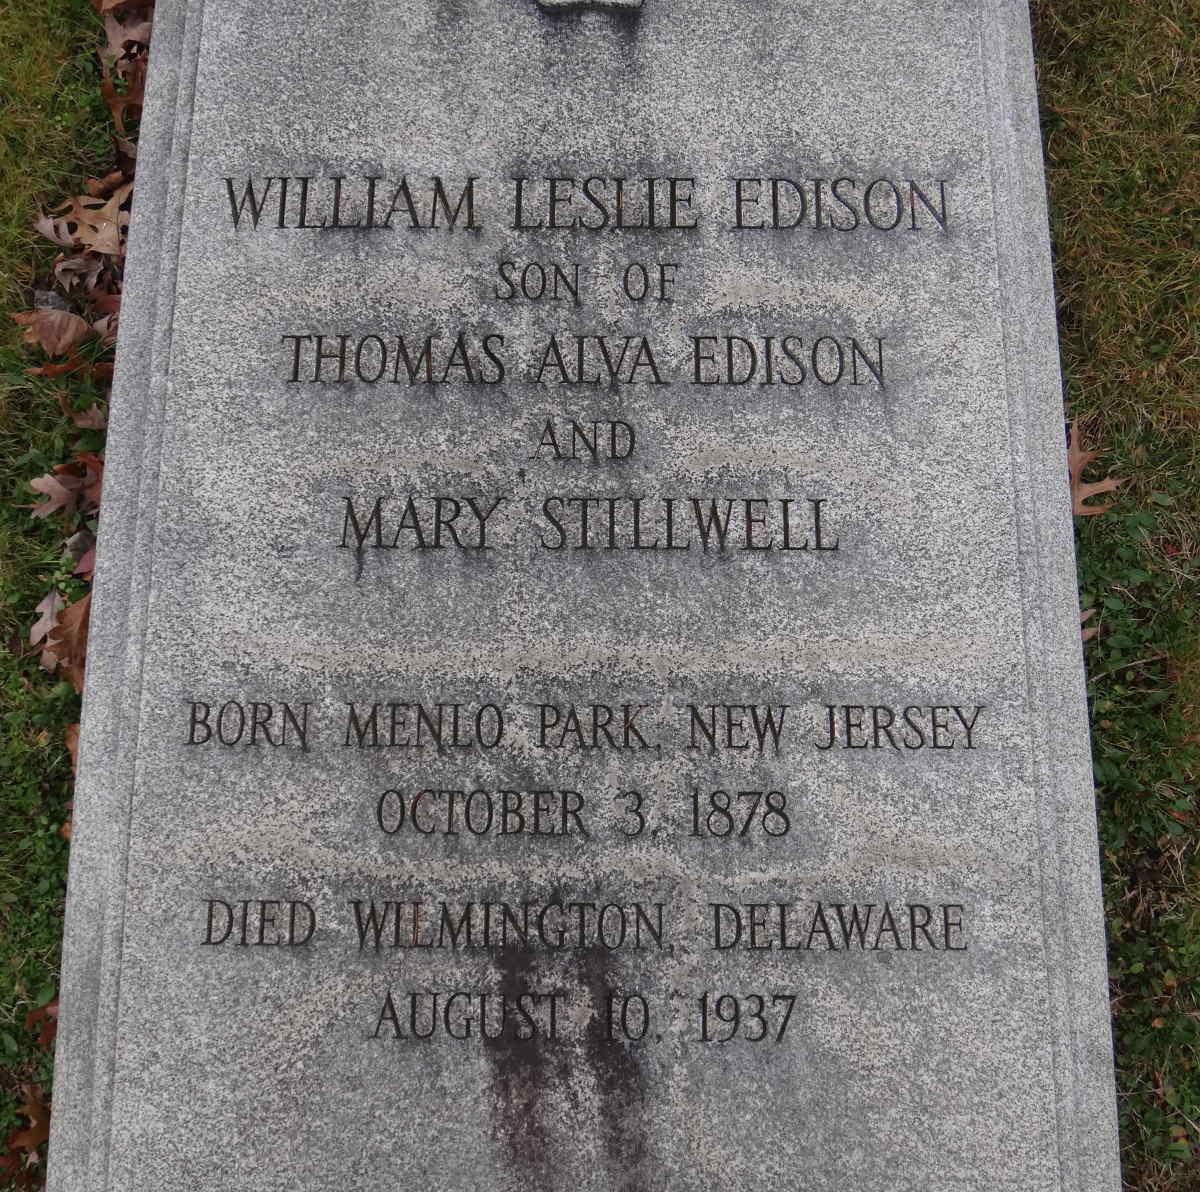 William Leslie Edison